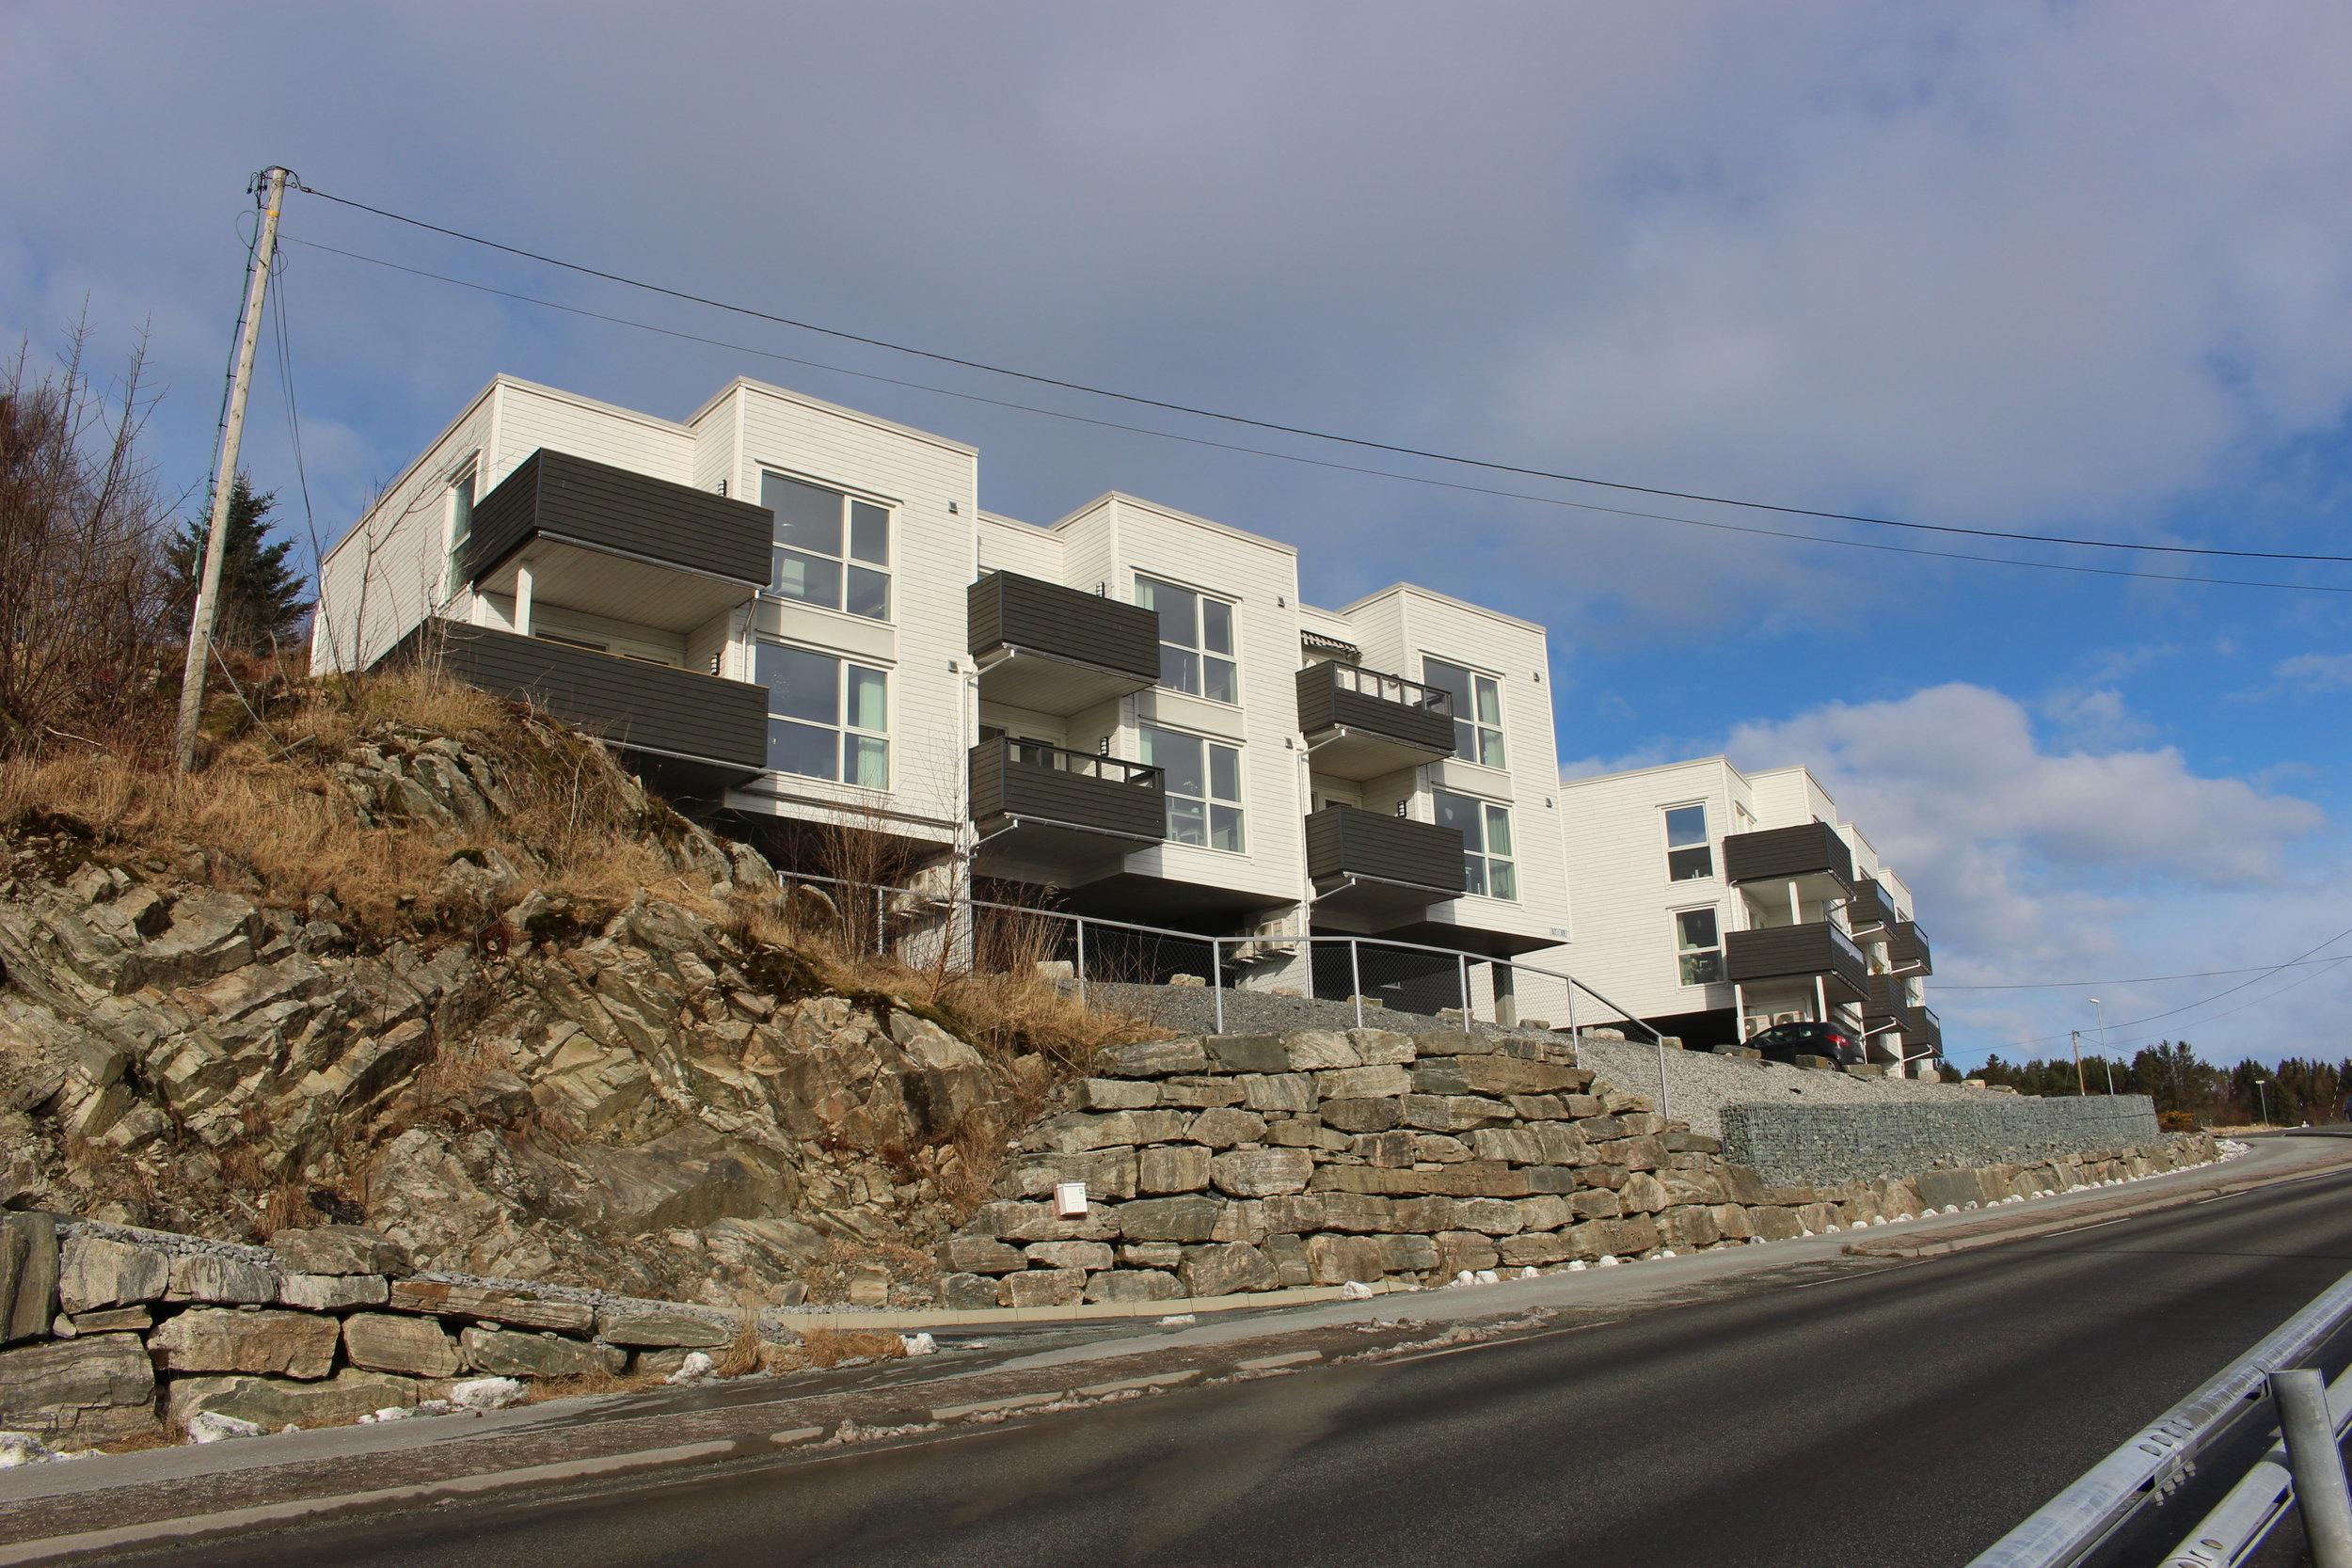 arkitekt nybygg leiligheter  karmøy.JPG